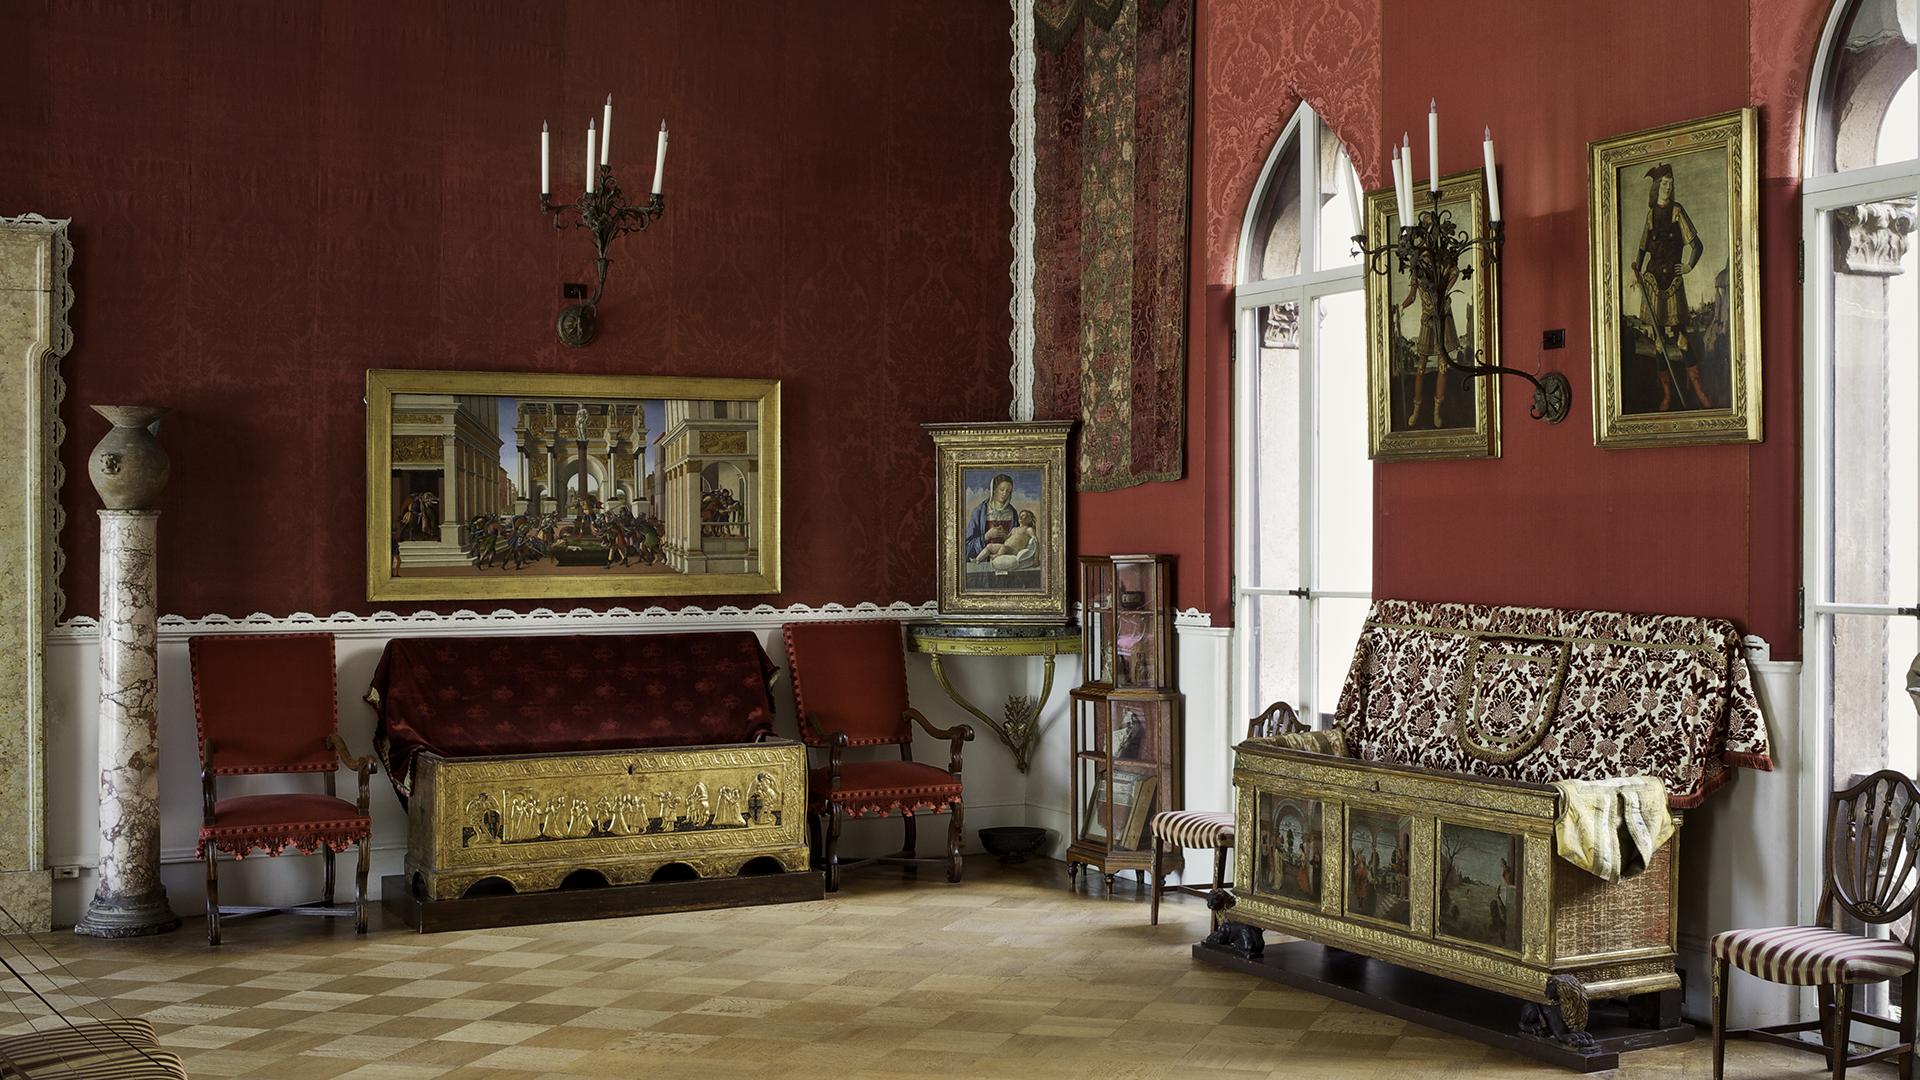 Raphael Room after restoration